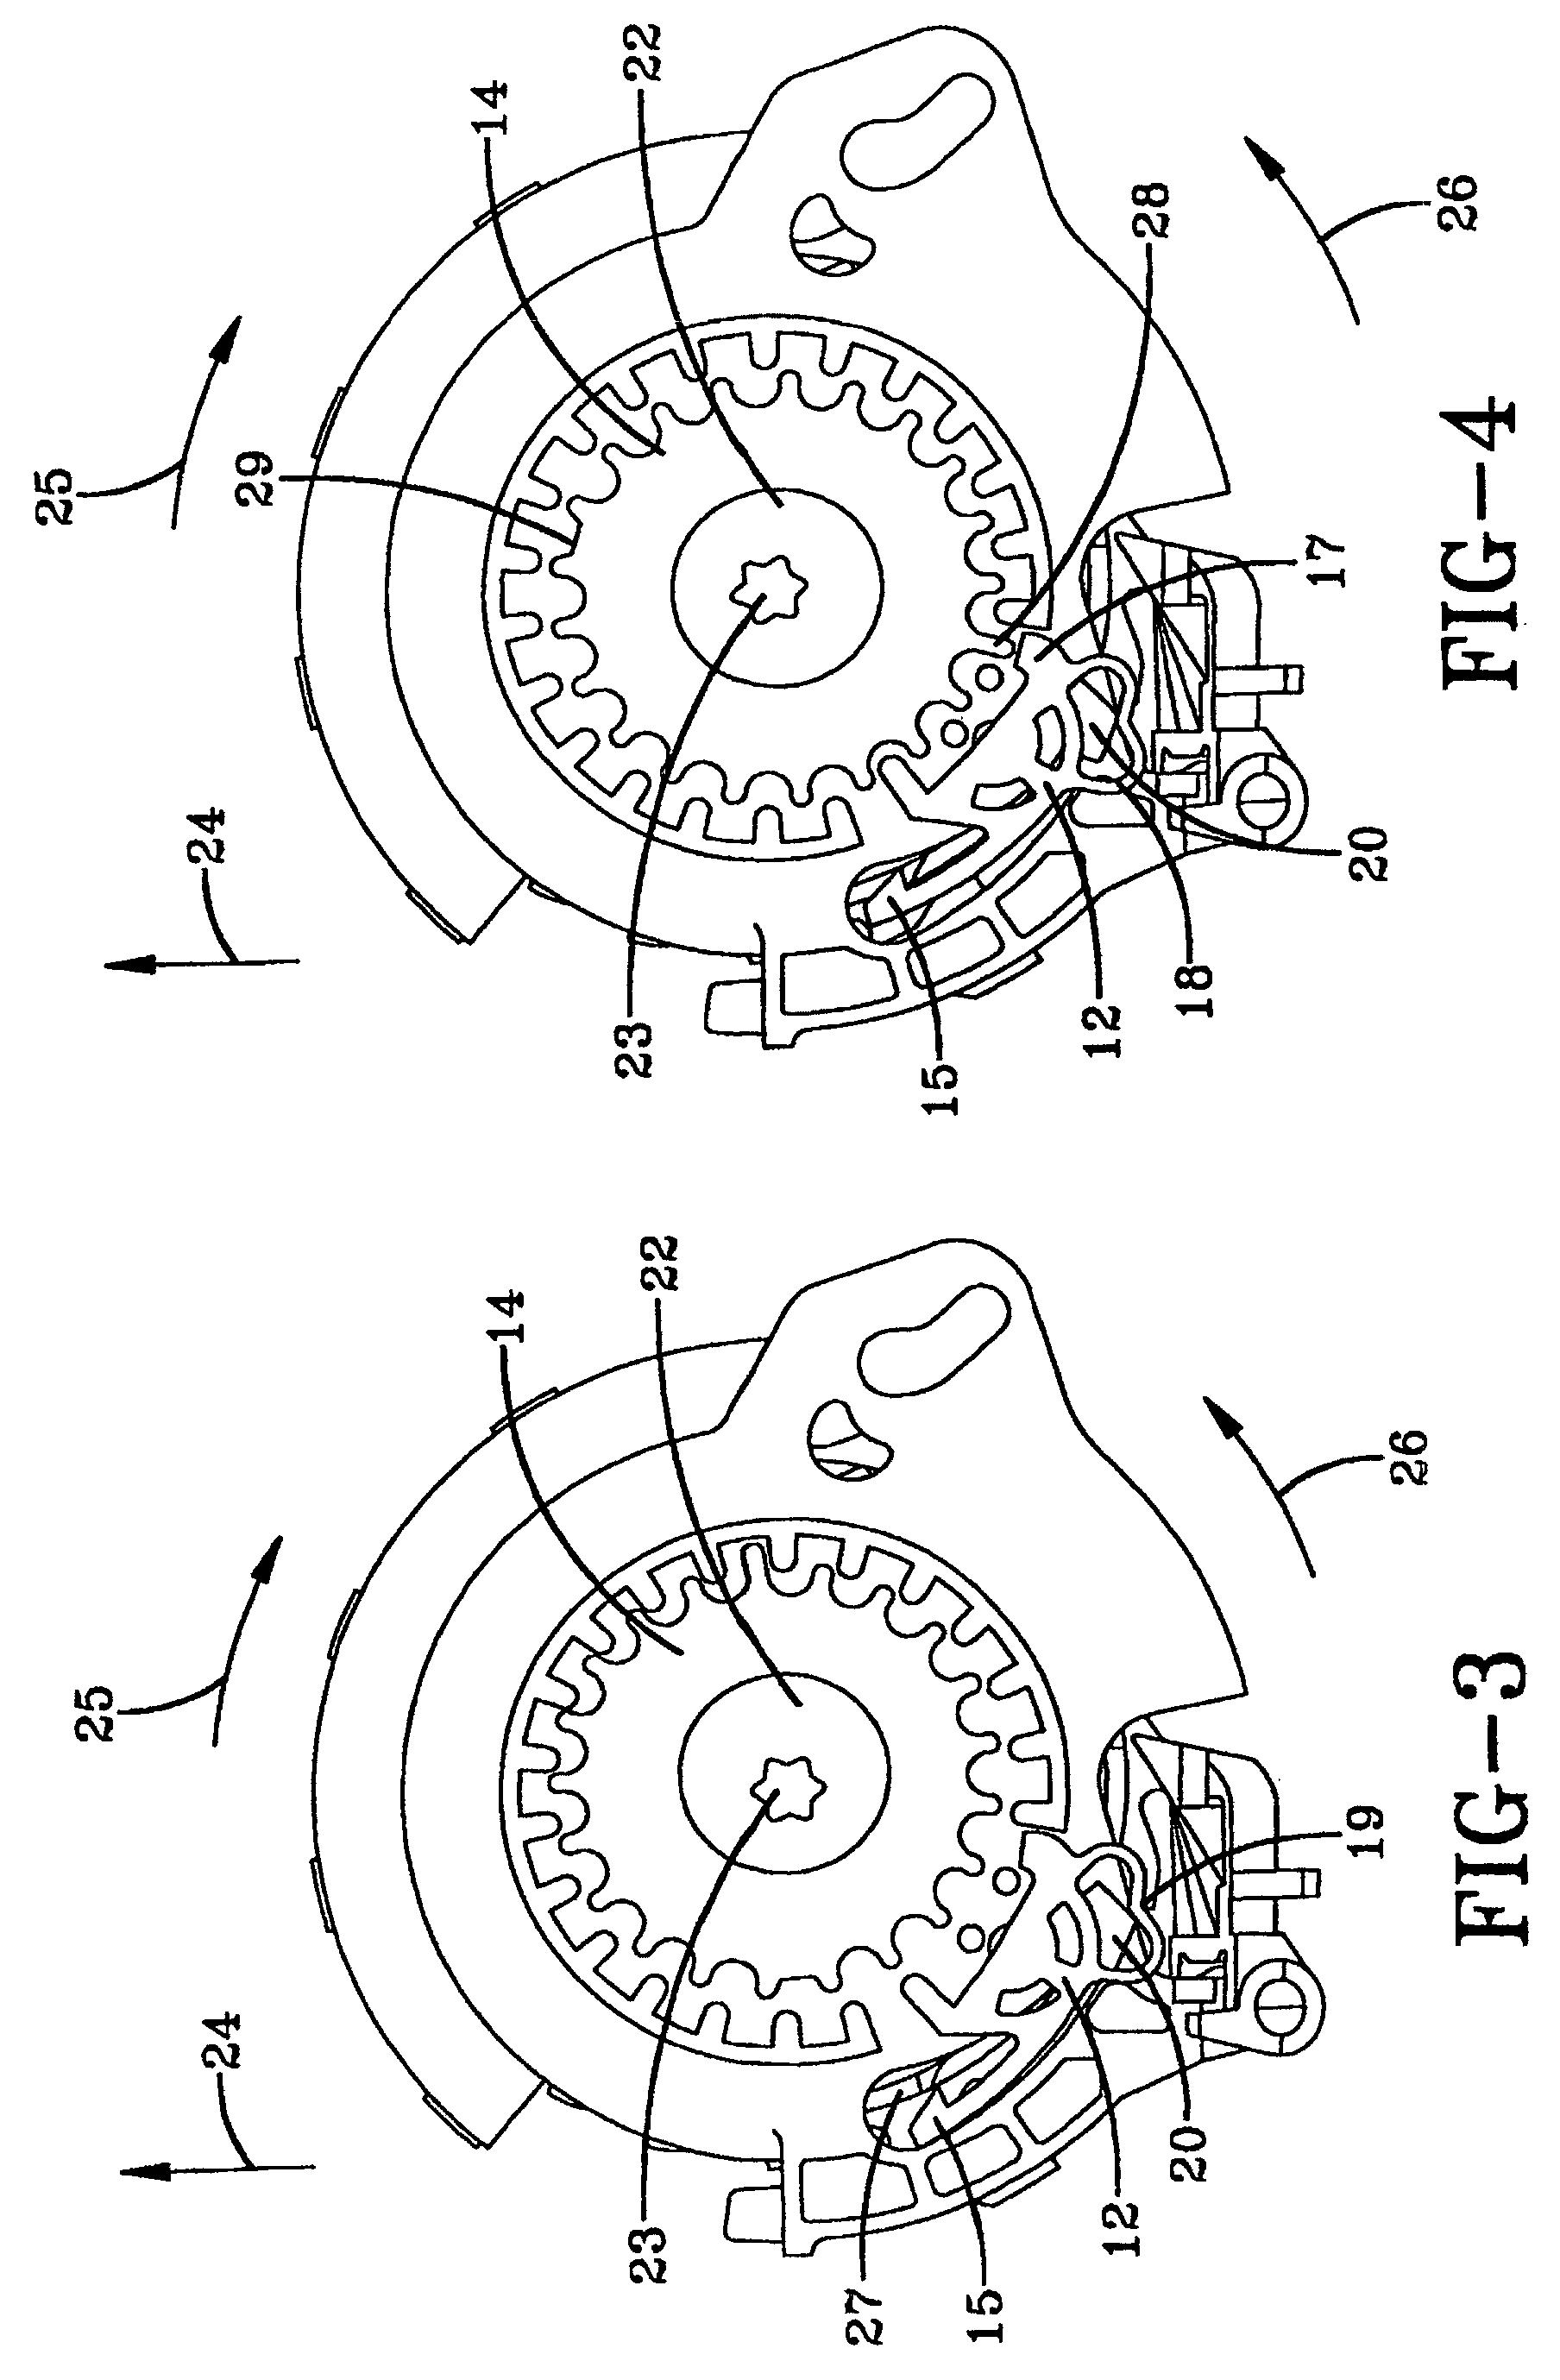 patent ep1298017b1 enrouleur de ceinture de s curit avec m canisme de blocage automatique. Black Bedroom Furniture Sets. Home Design Ideas